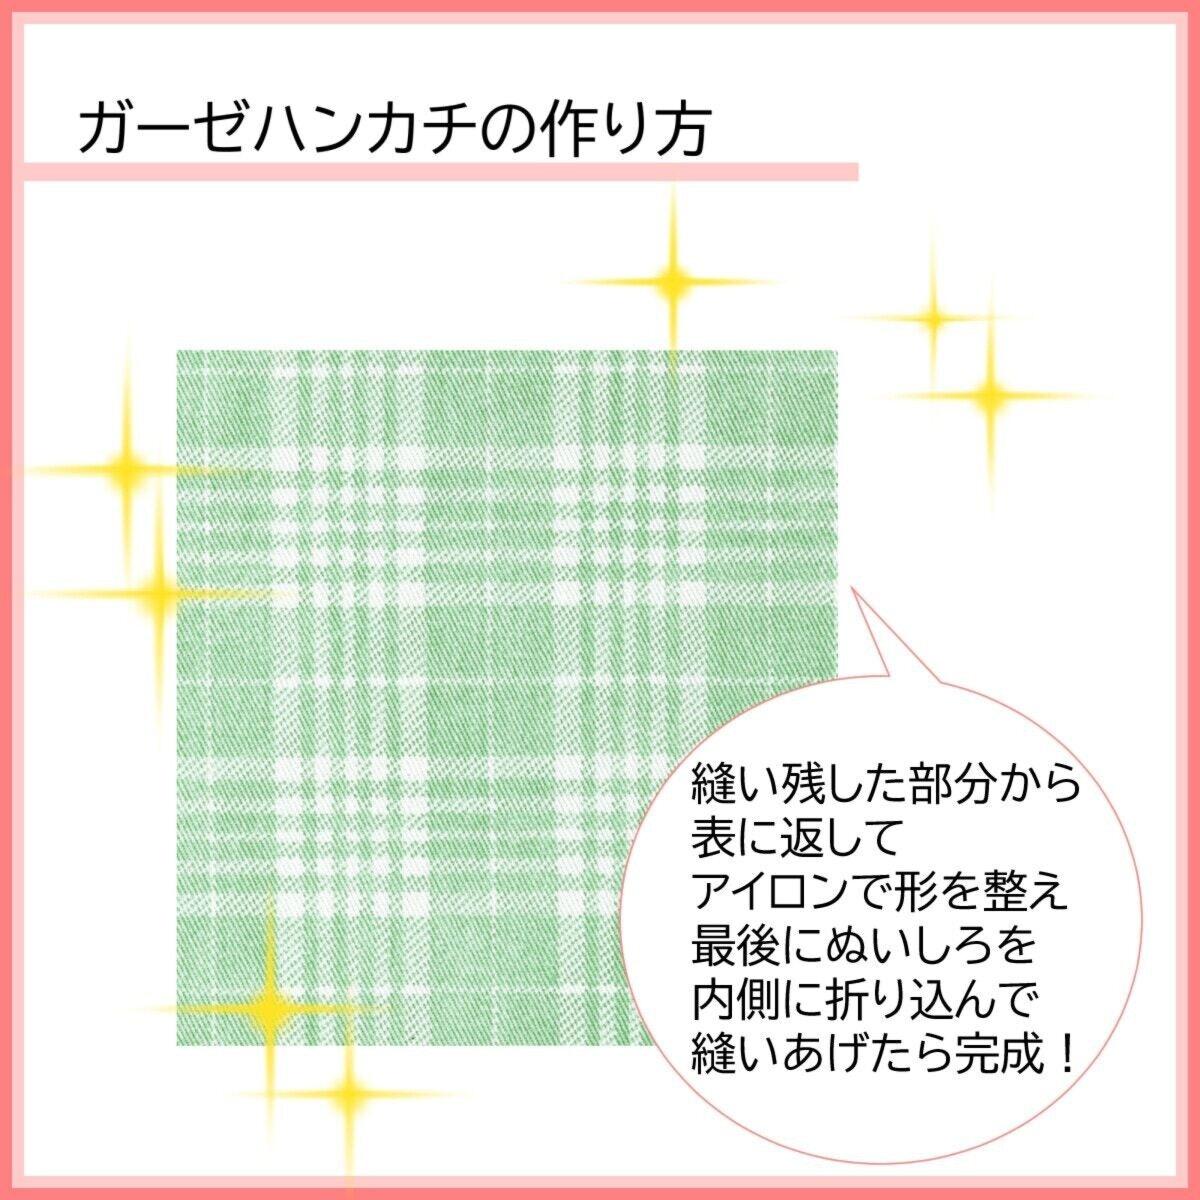 ガーゼハンカチの作り方:縫い残し部分から表に返し、アイロンをかけて縫いあげる